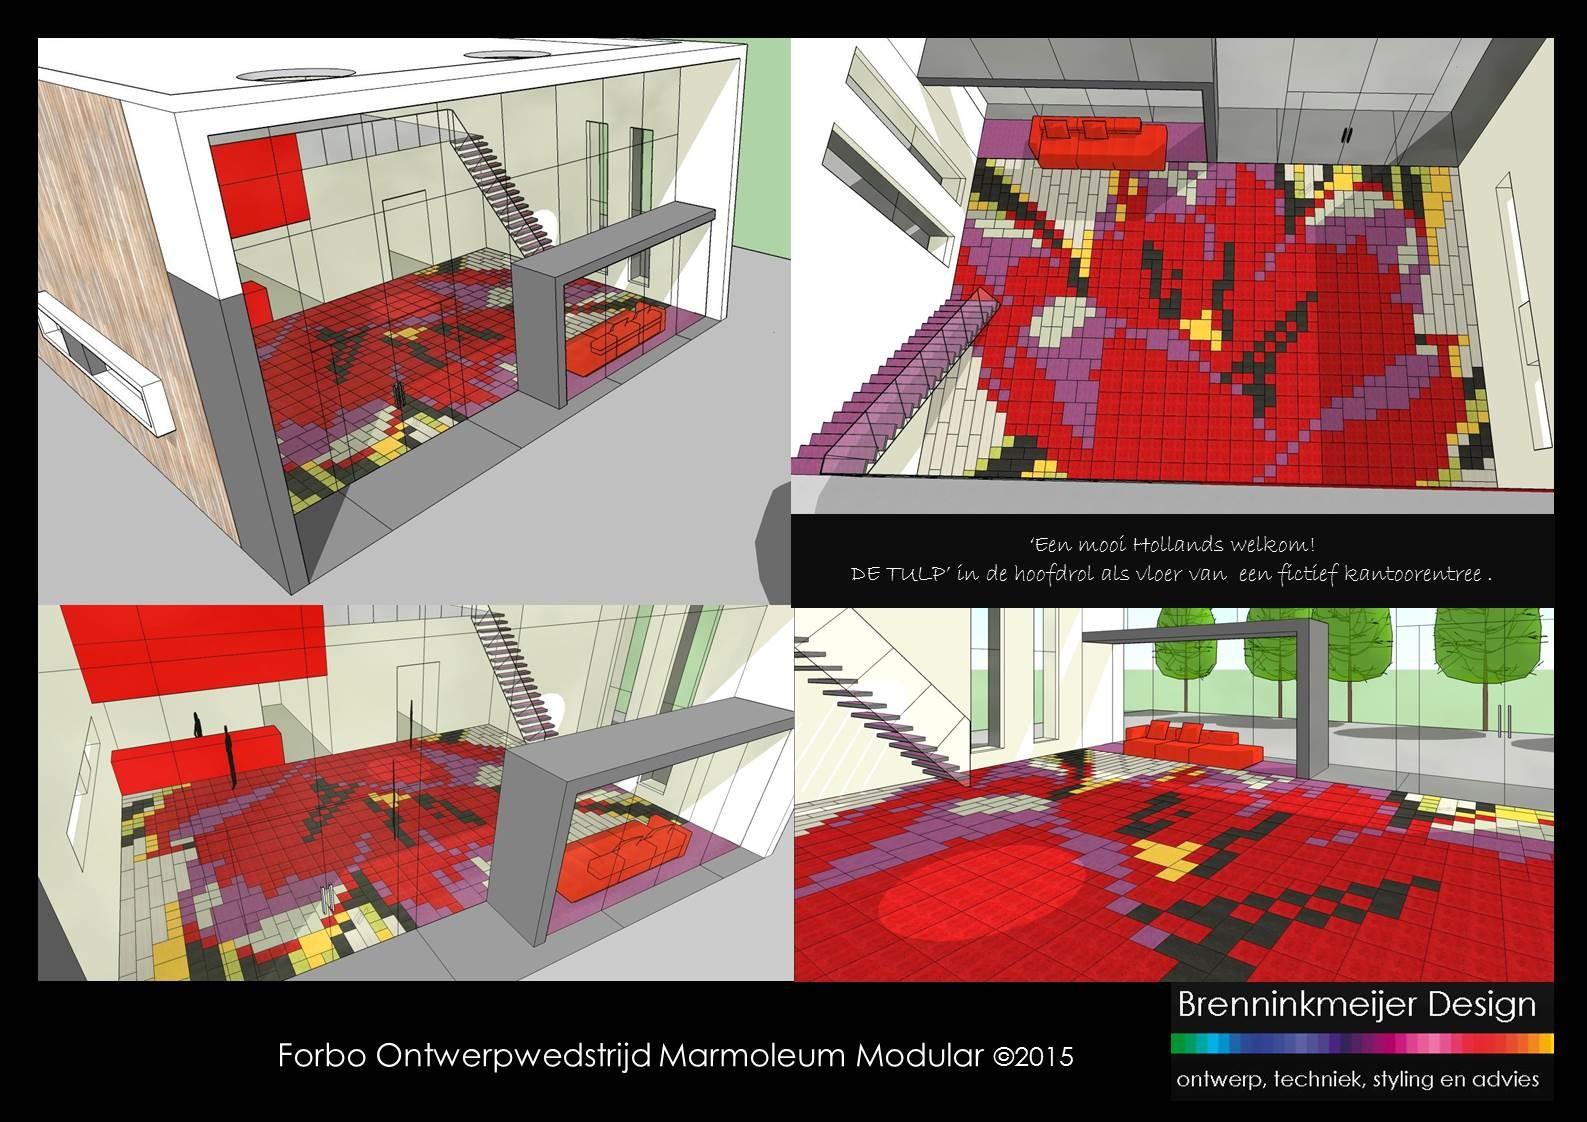 Brenninkmeijer Design Forbo ontwerpwedstrijd Marmoleum Modular 2015 dia 3